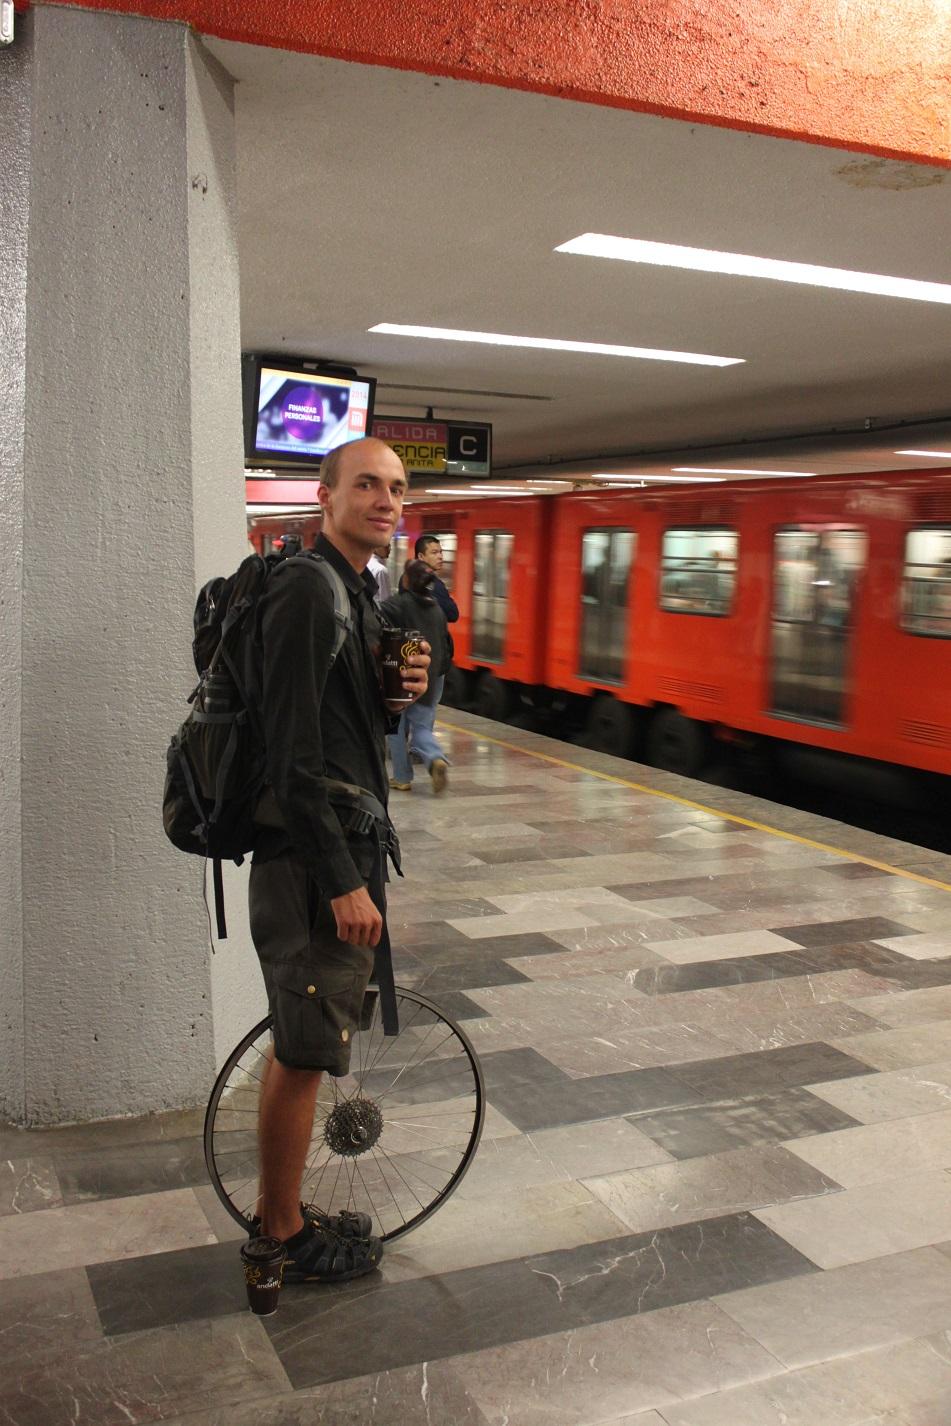 Mit der Metro kommt man in Windeseile ans andere Ende der Stadt.